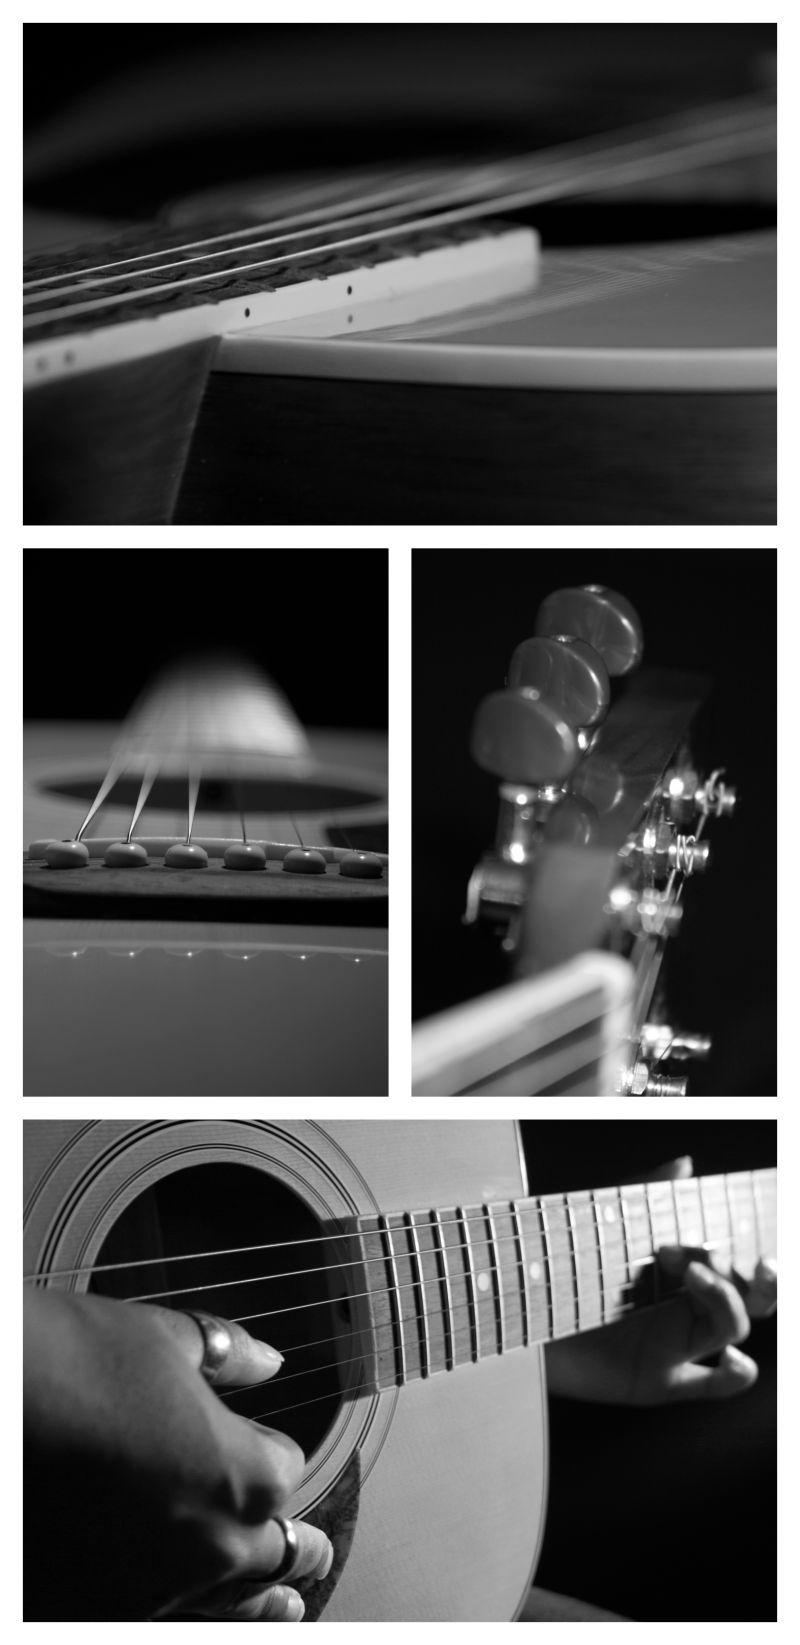 Acoustic guitar montage